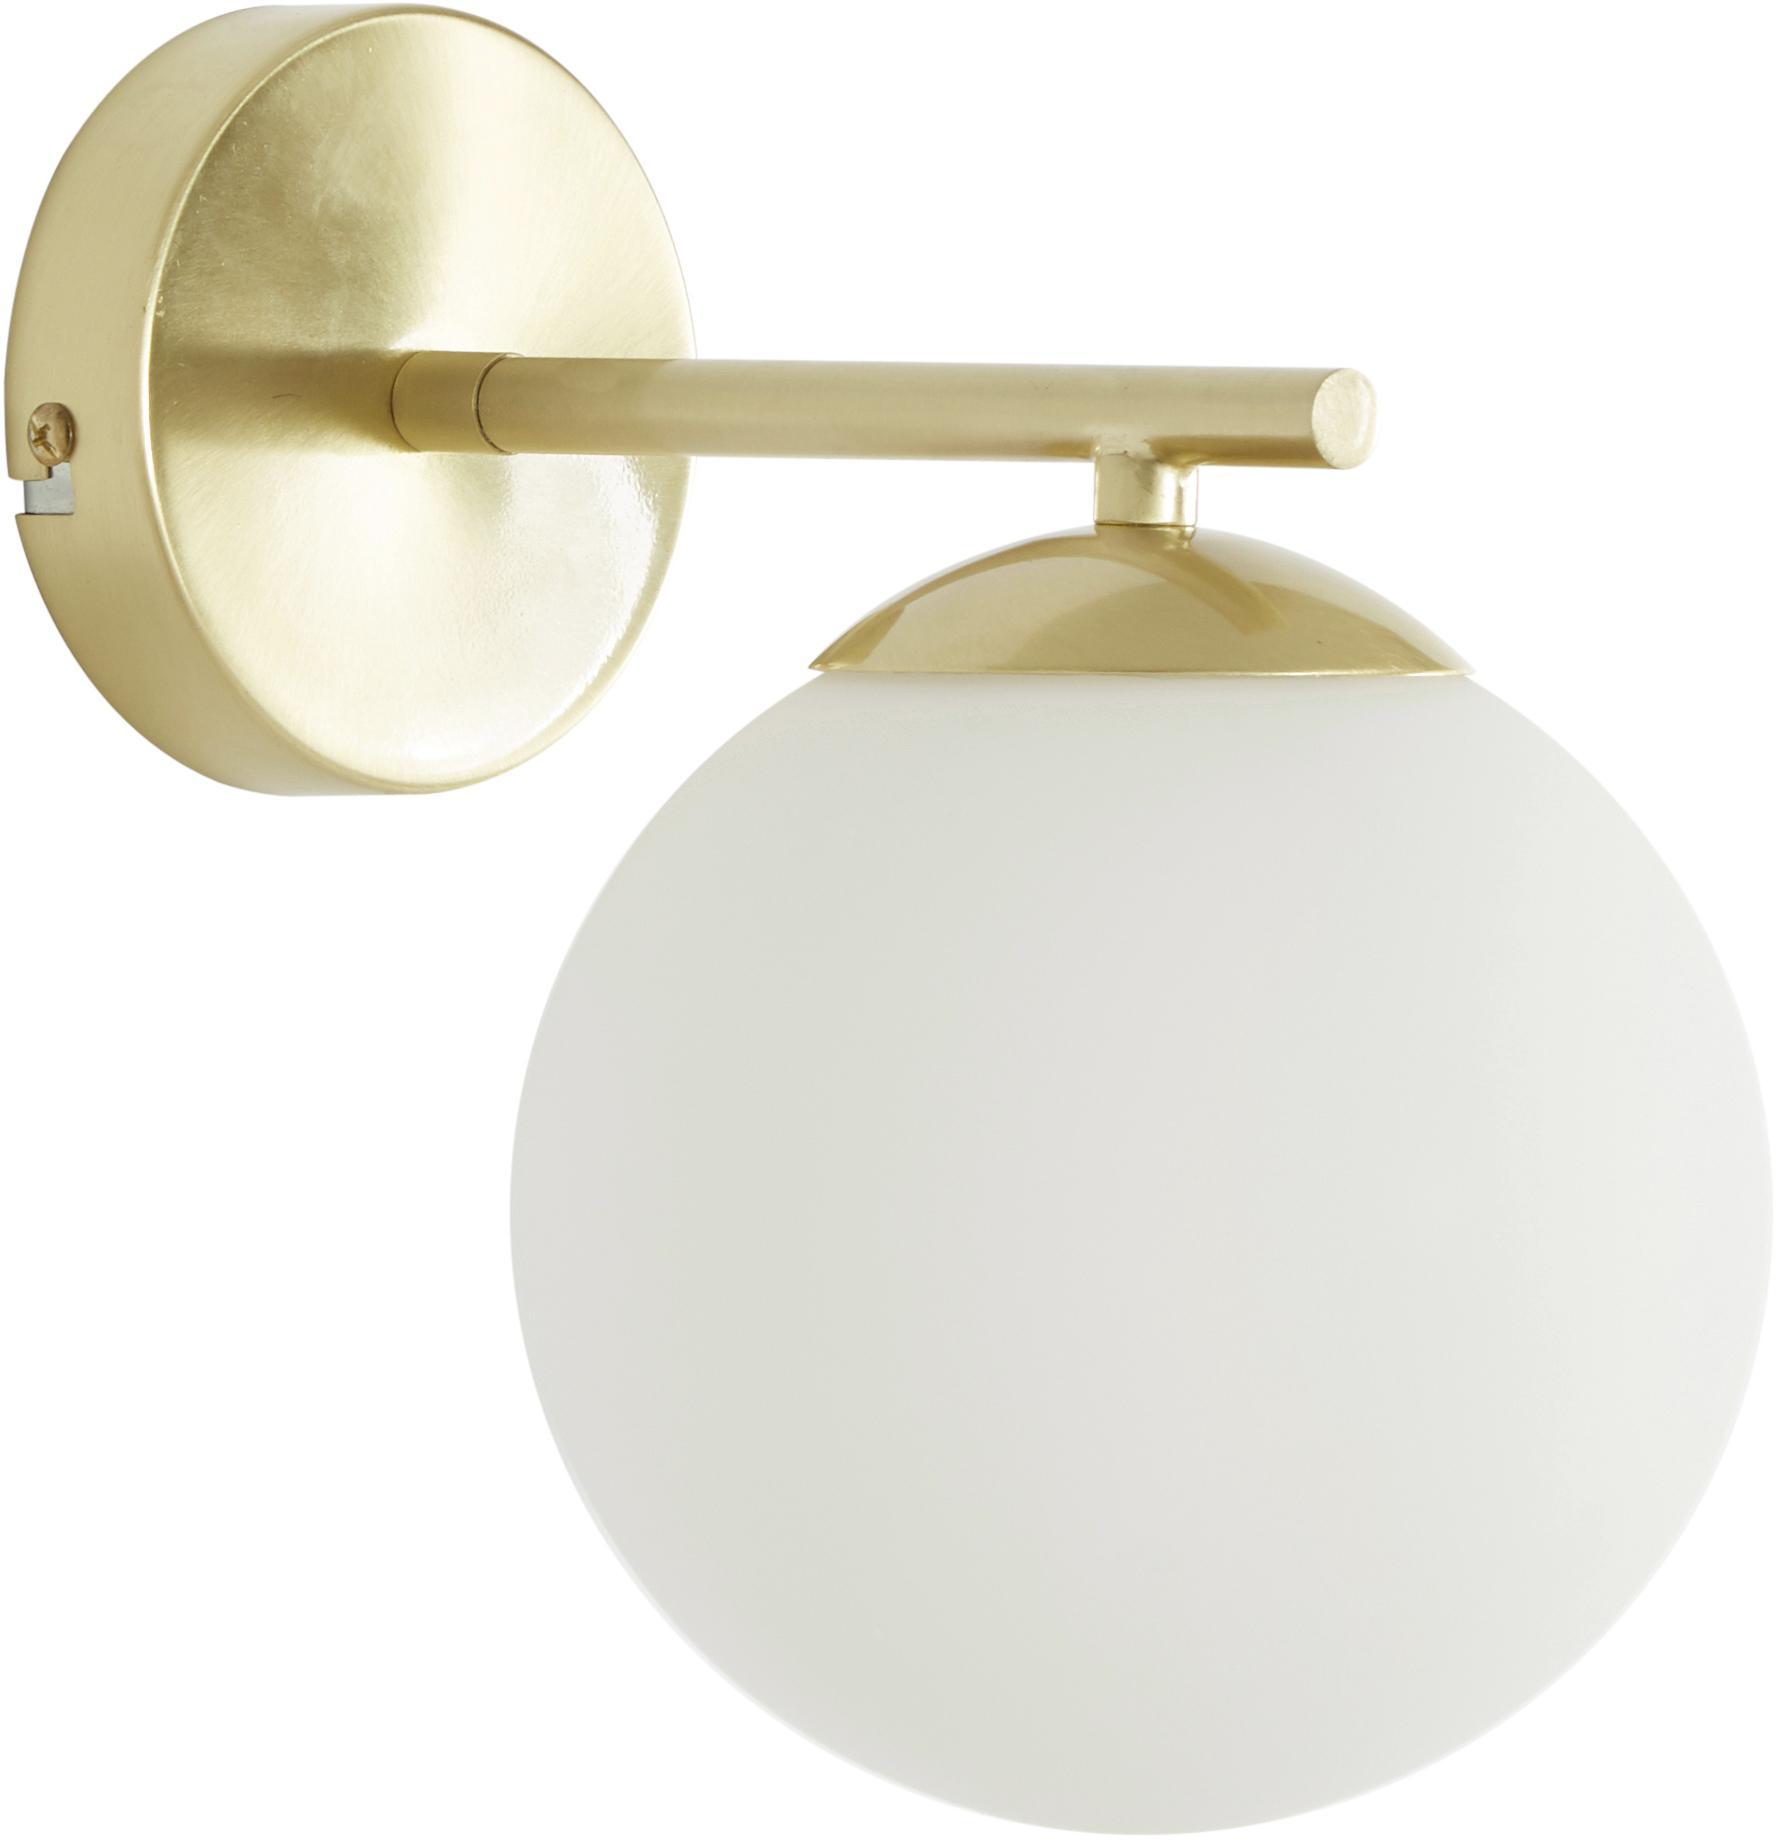 Applique en métal doré Liv, Blanc, laiton